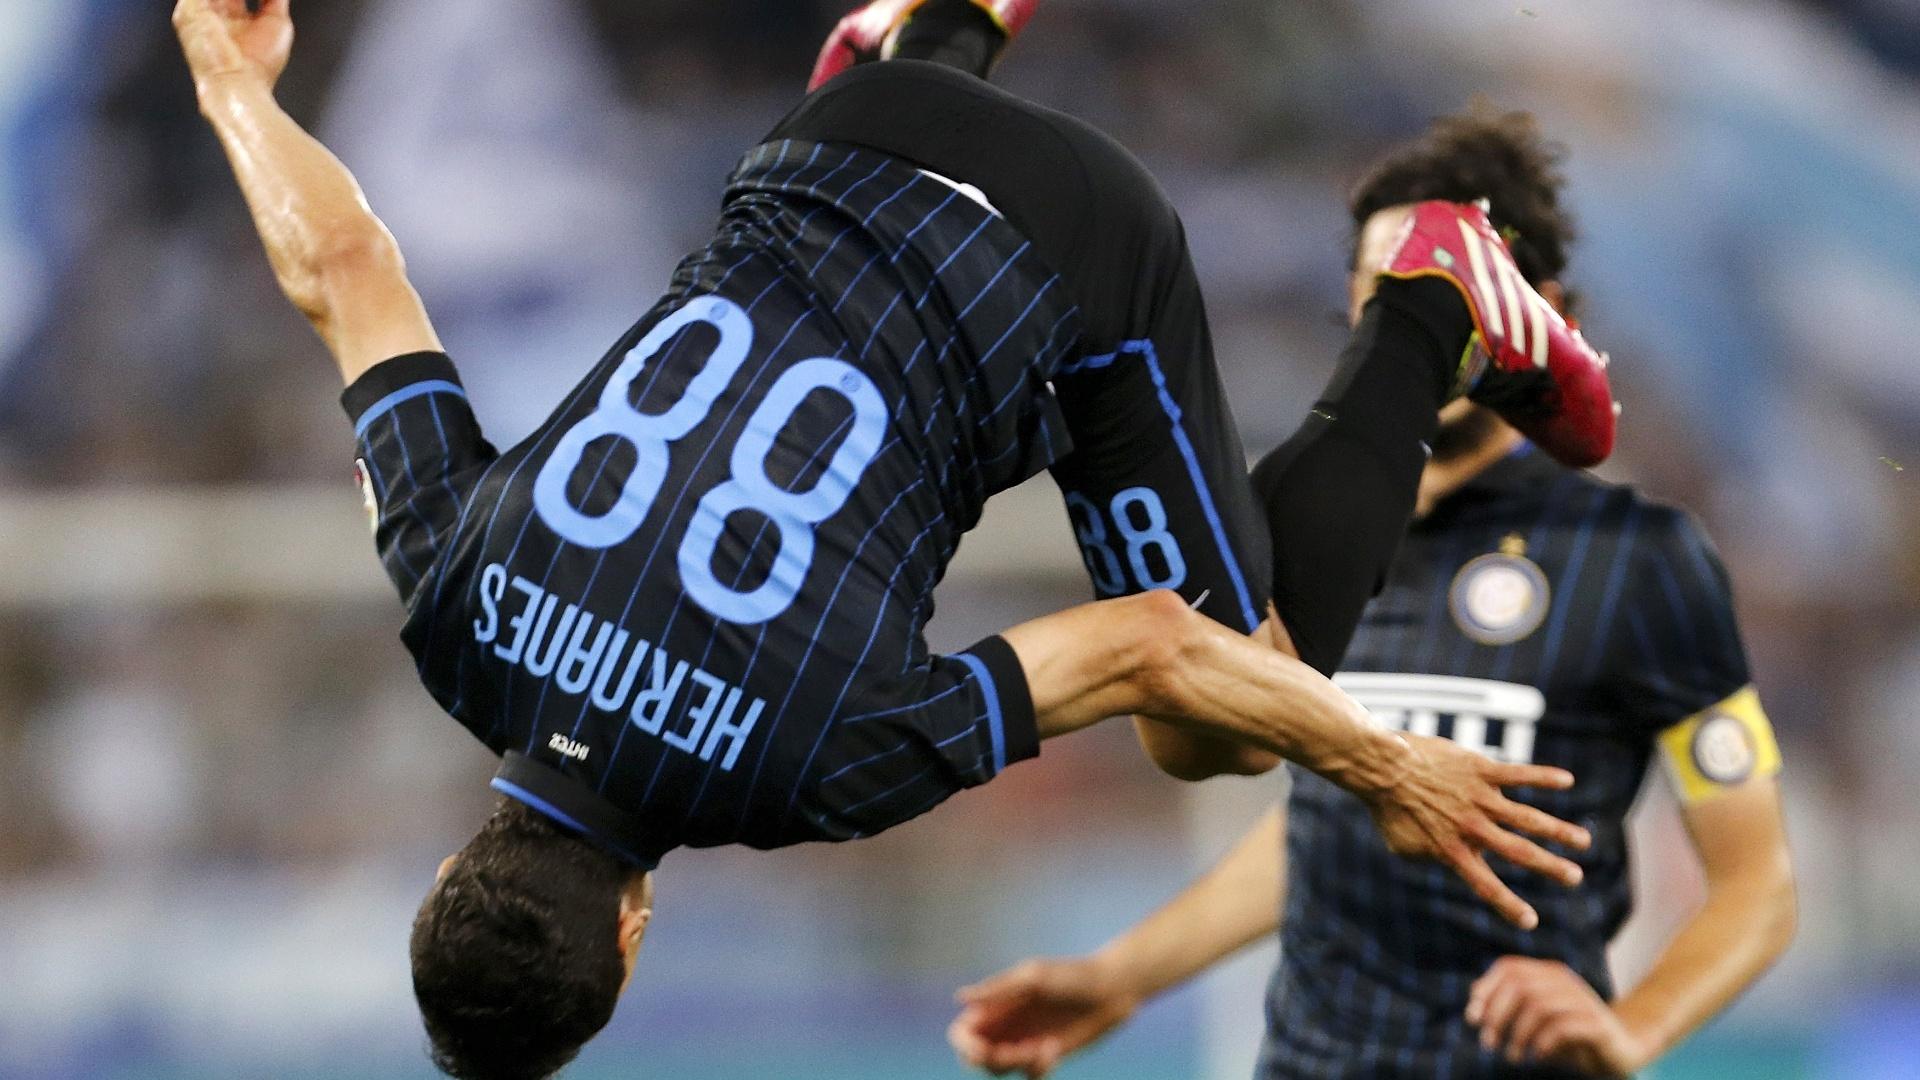 Hernanes comemora gol contra a Lazio com pirueta no ar